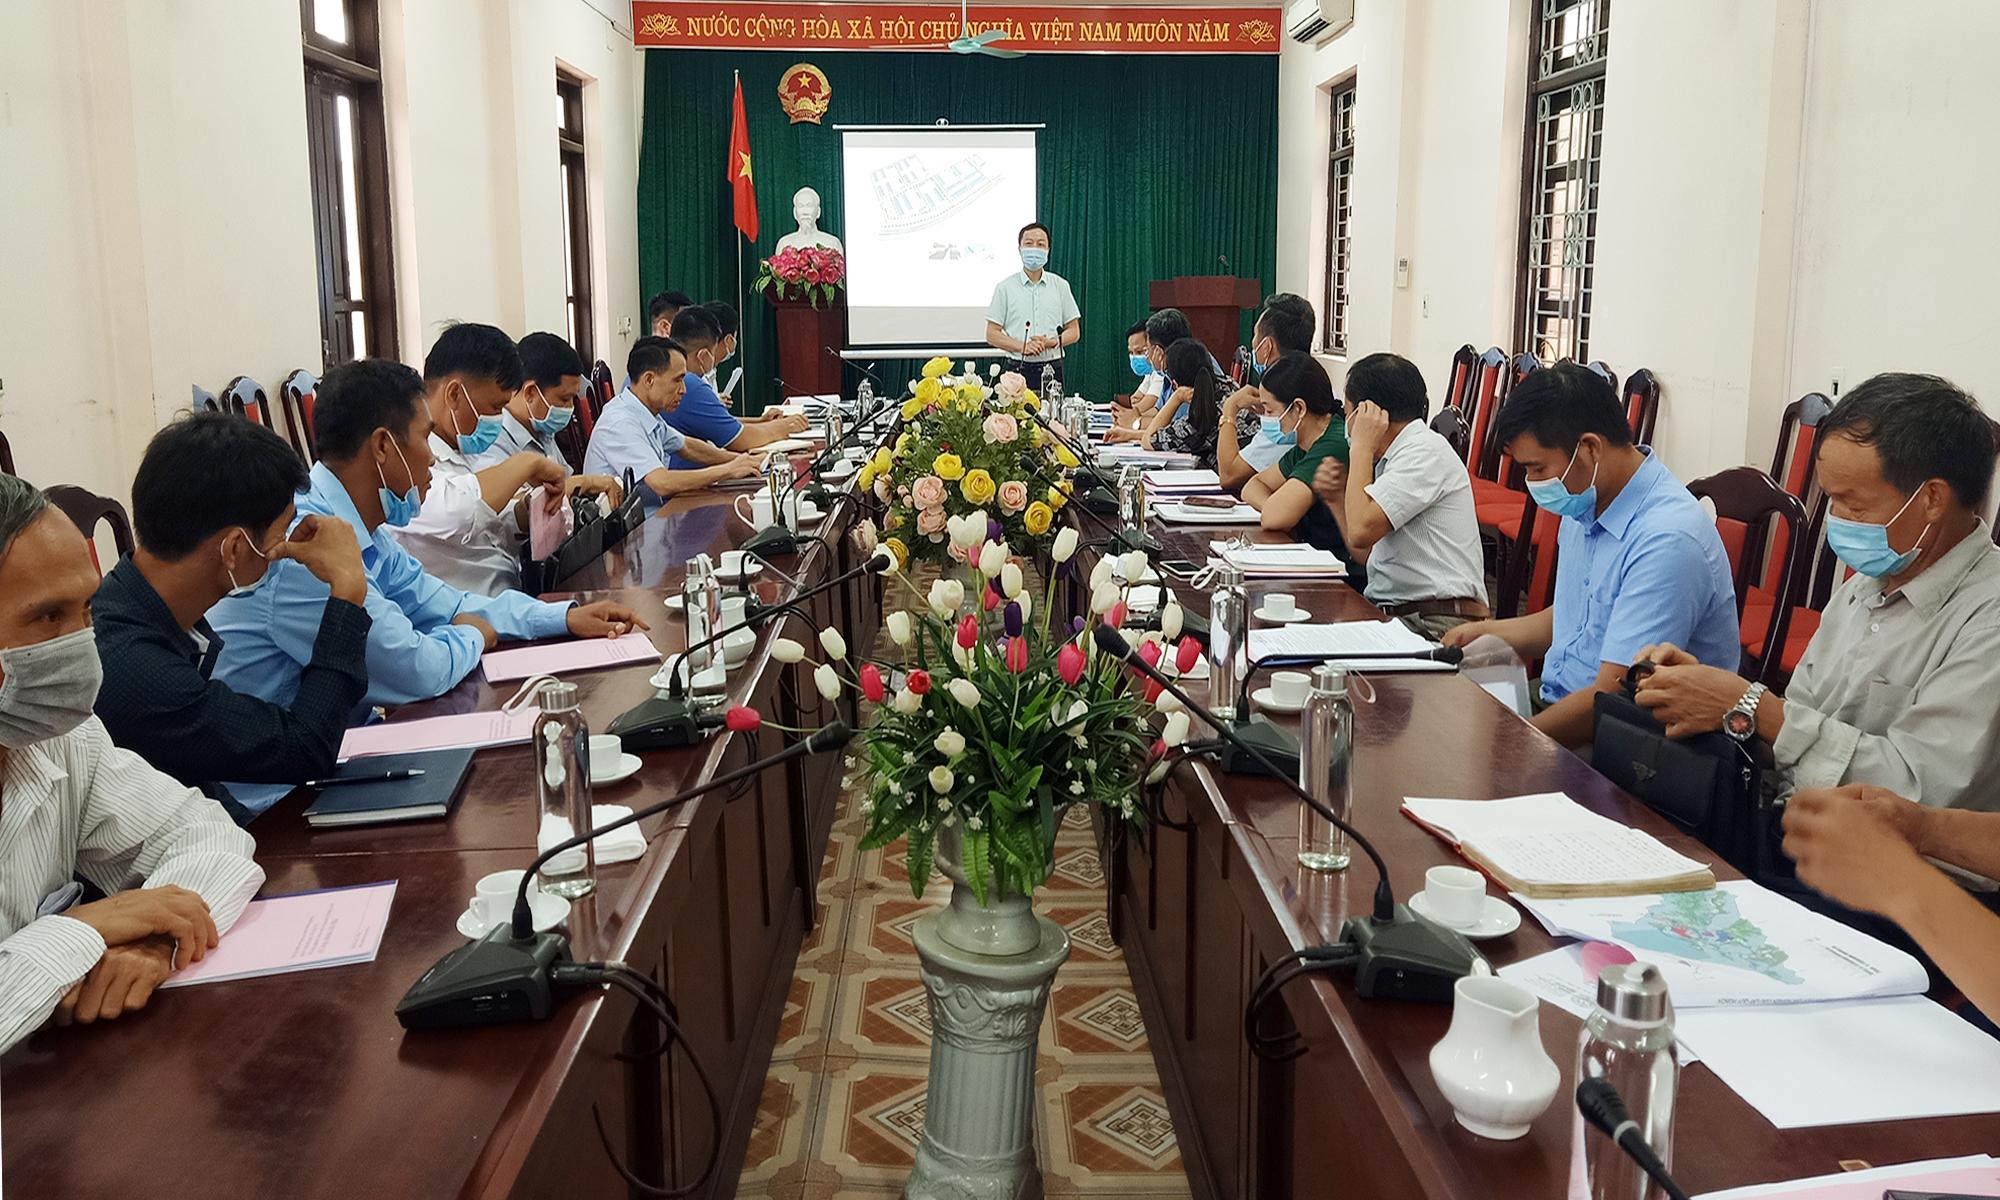 Thái Nguyên công bố quy hoạch cụm công nghiệp Yên Lạc với tổng vốn đầu tư trên 225 tỷ đồng - Ảnh 1.